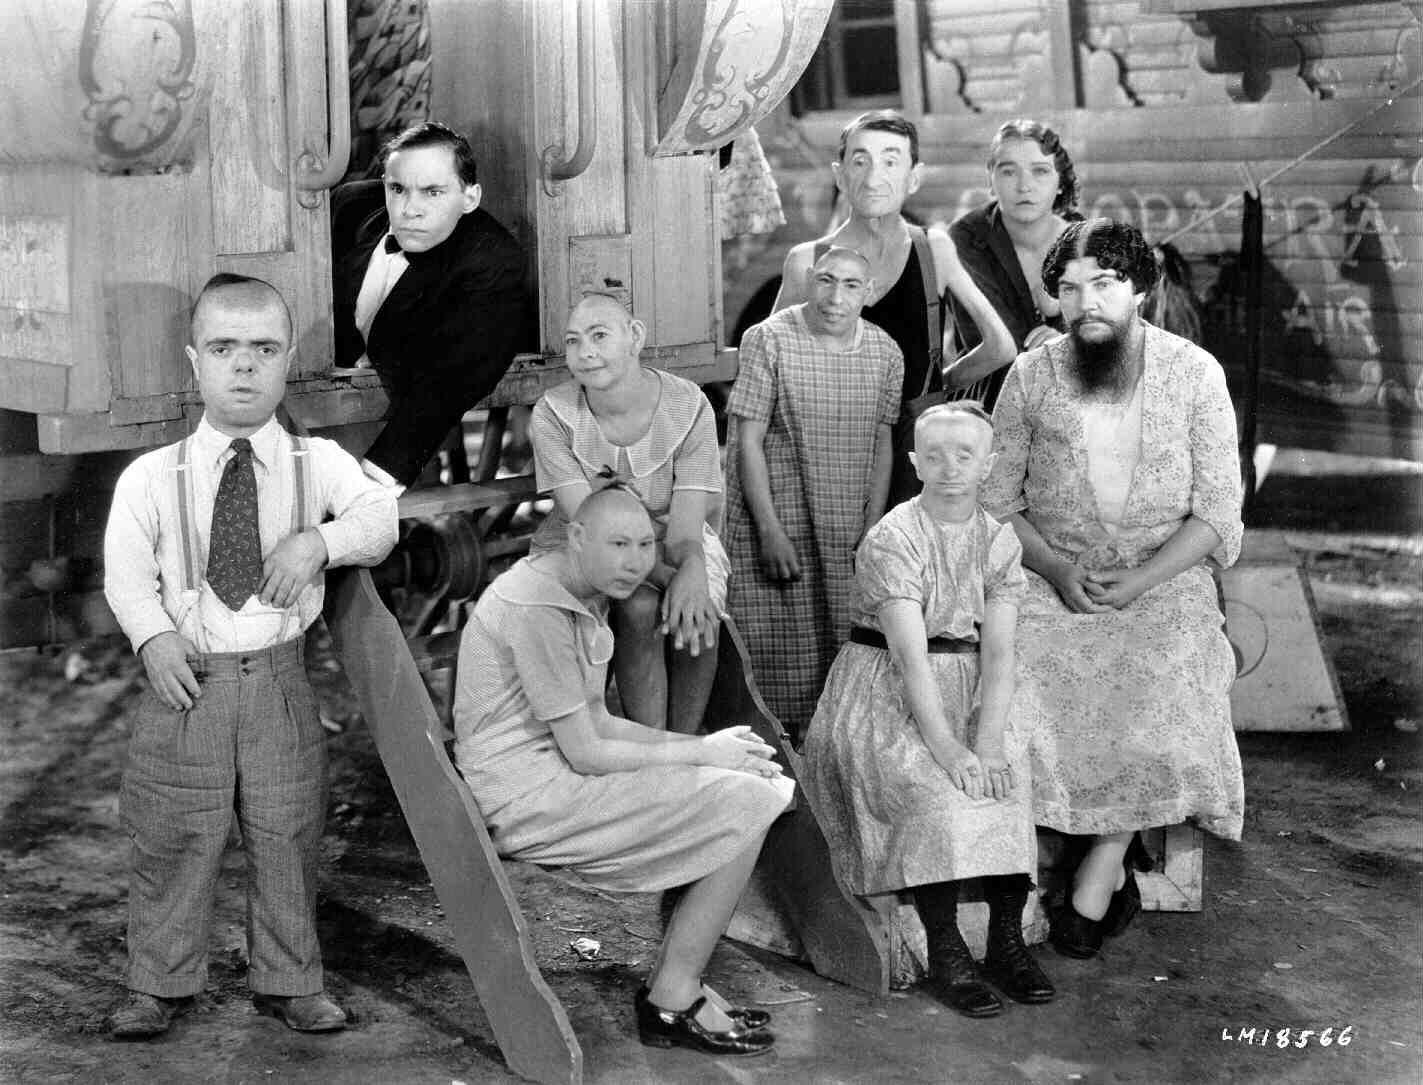 freaks 1932 ile ilgili görsel sonucu